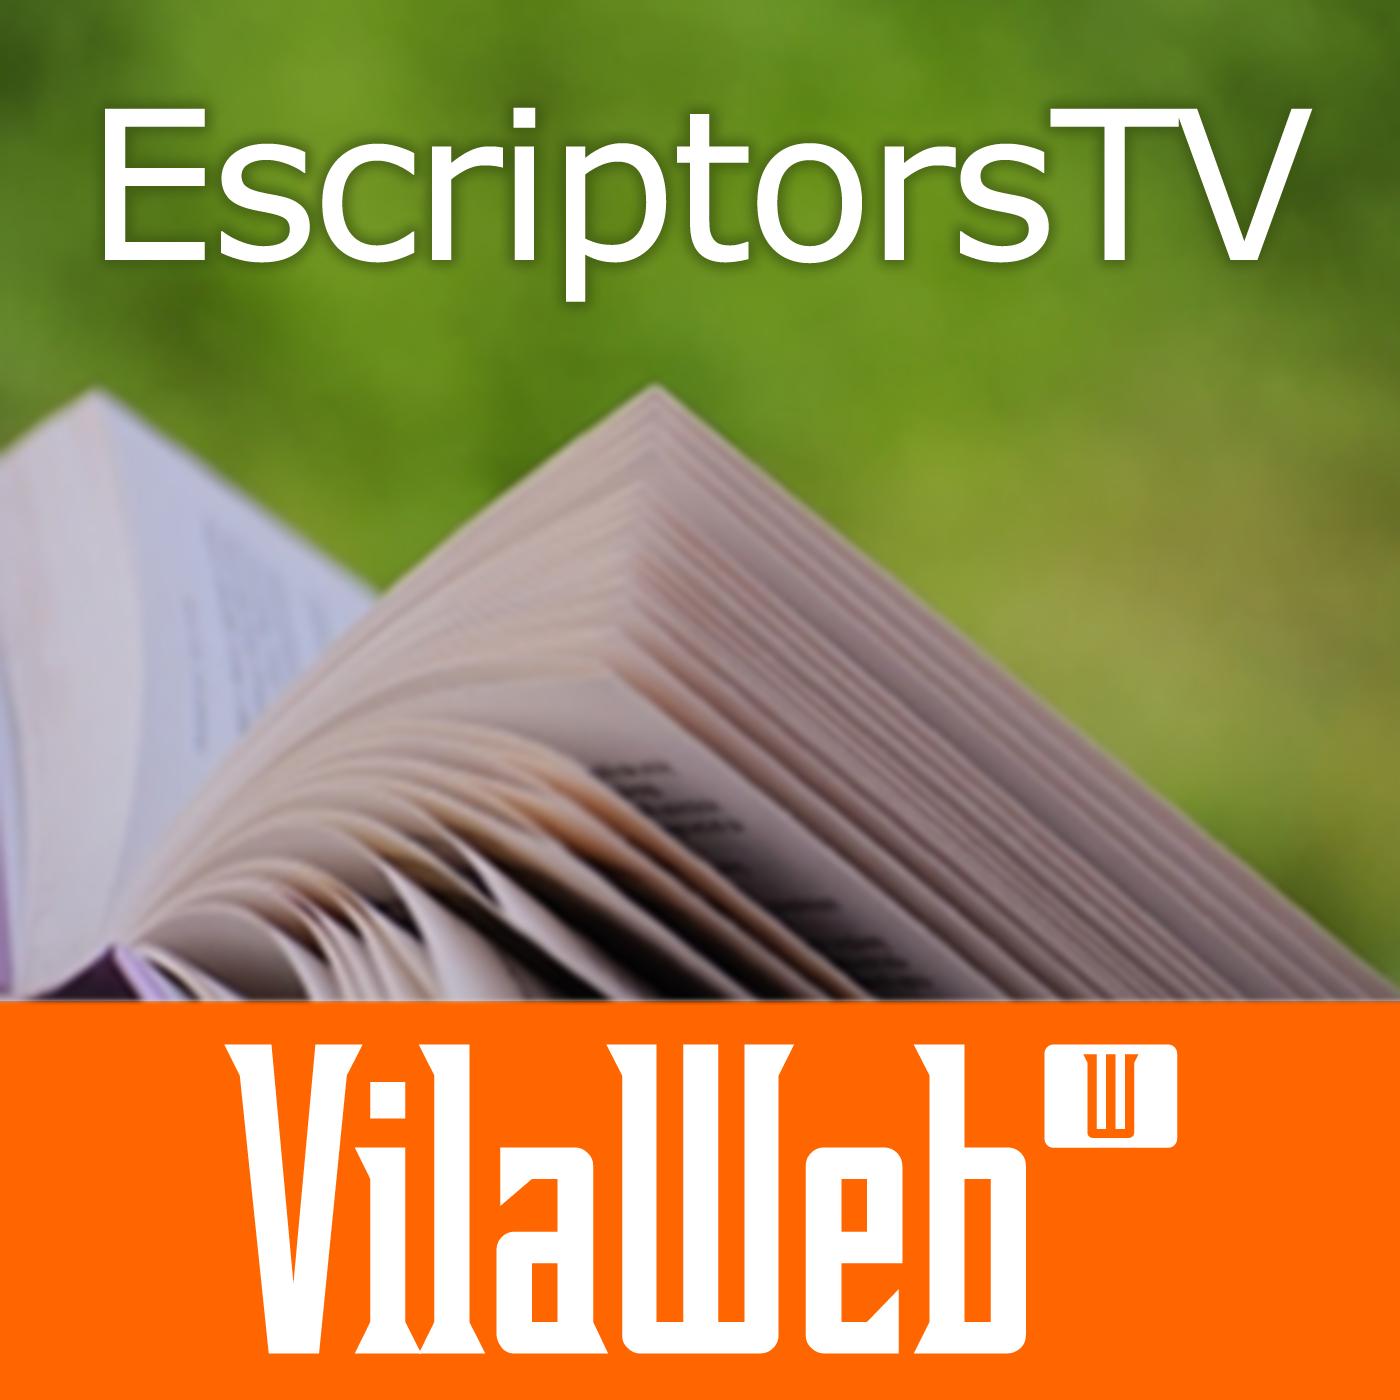 Escriptors TV - VilaWeb TV